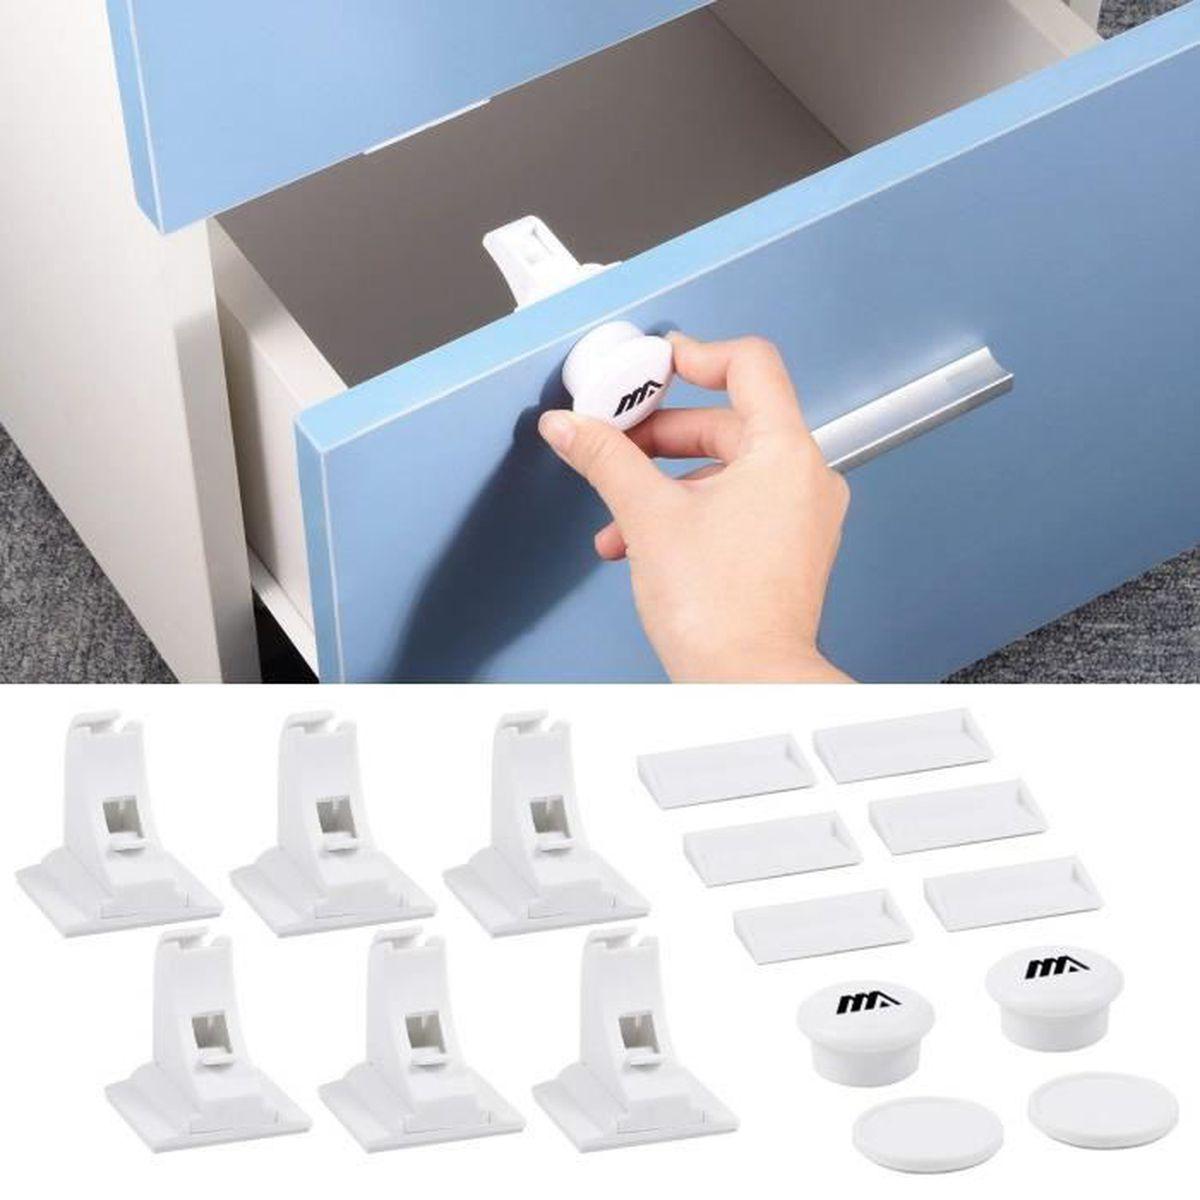 Verrou sécurité tiroir porte armoire preuve magnétique bébé enfant